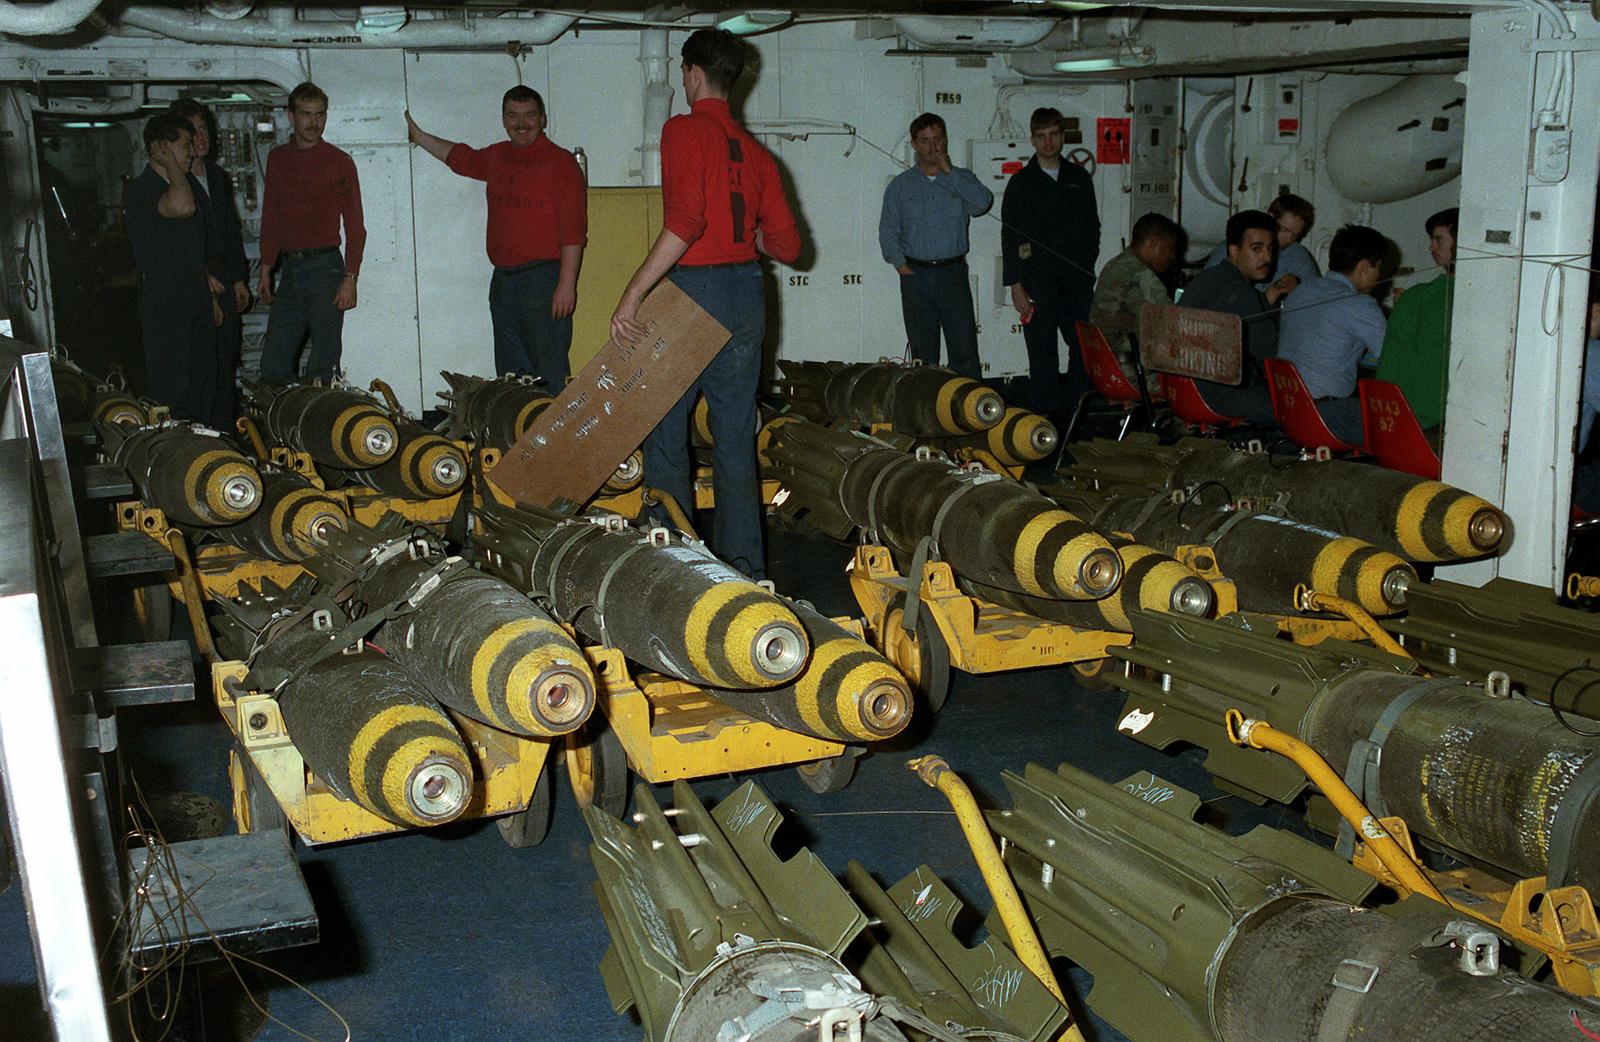 Aviation ordnancemen stencil messages on Mark 82 500-pound